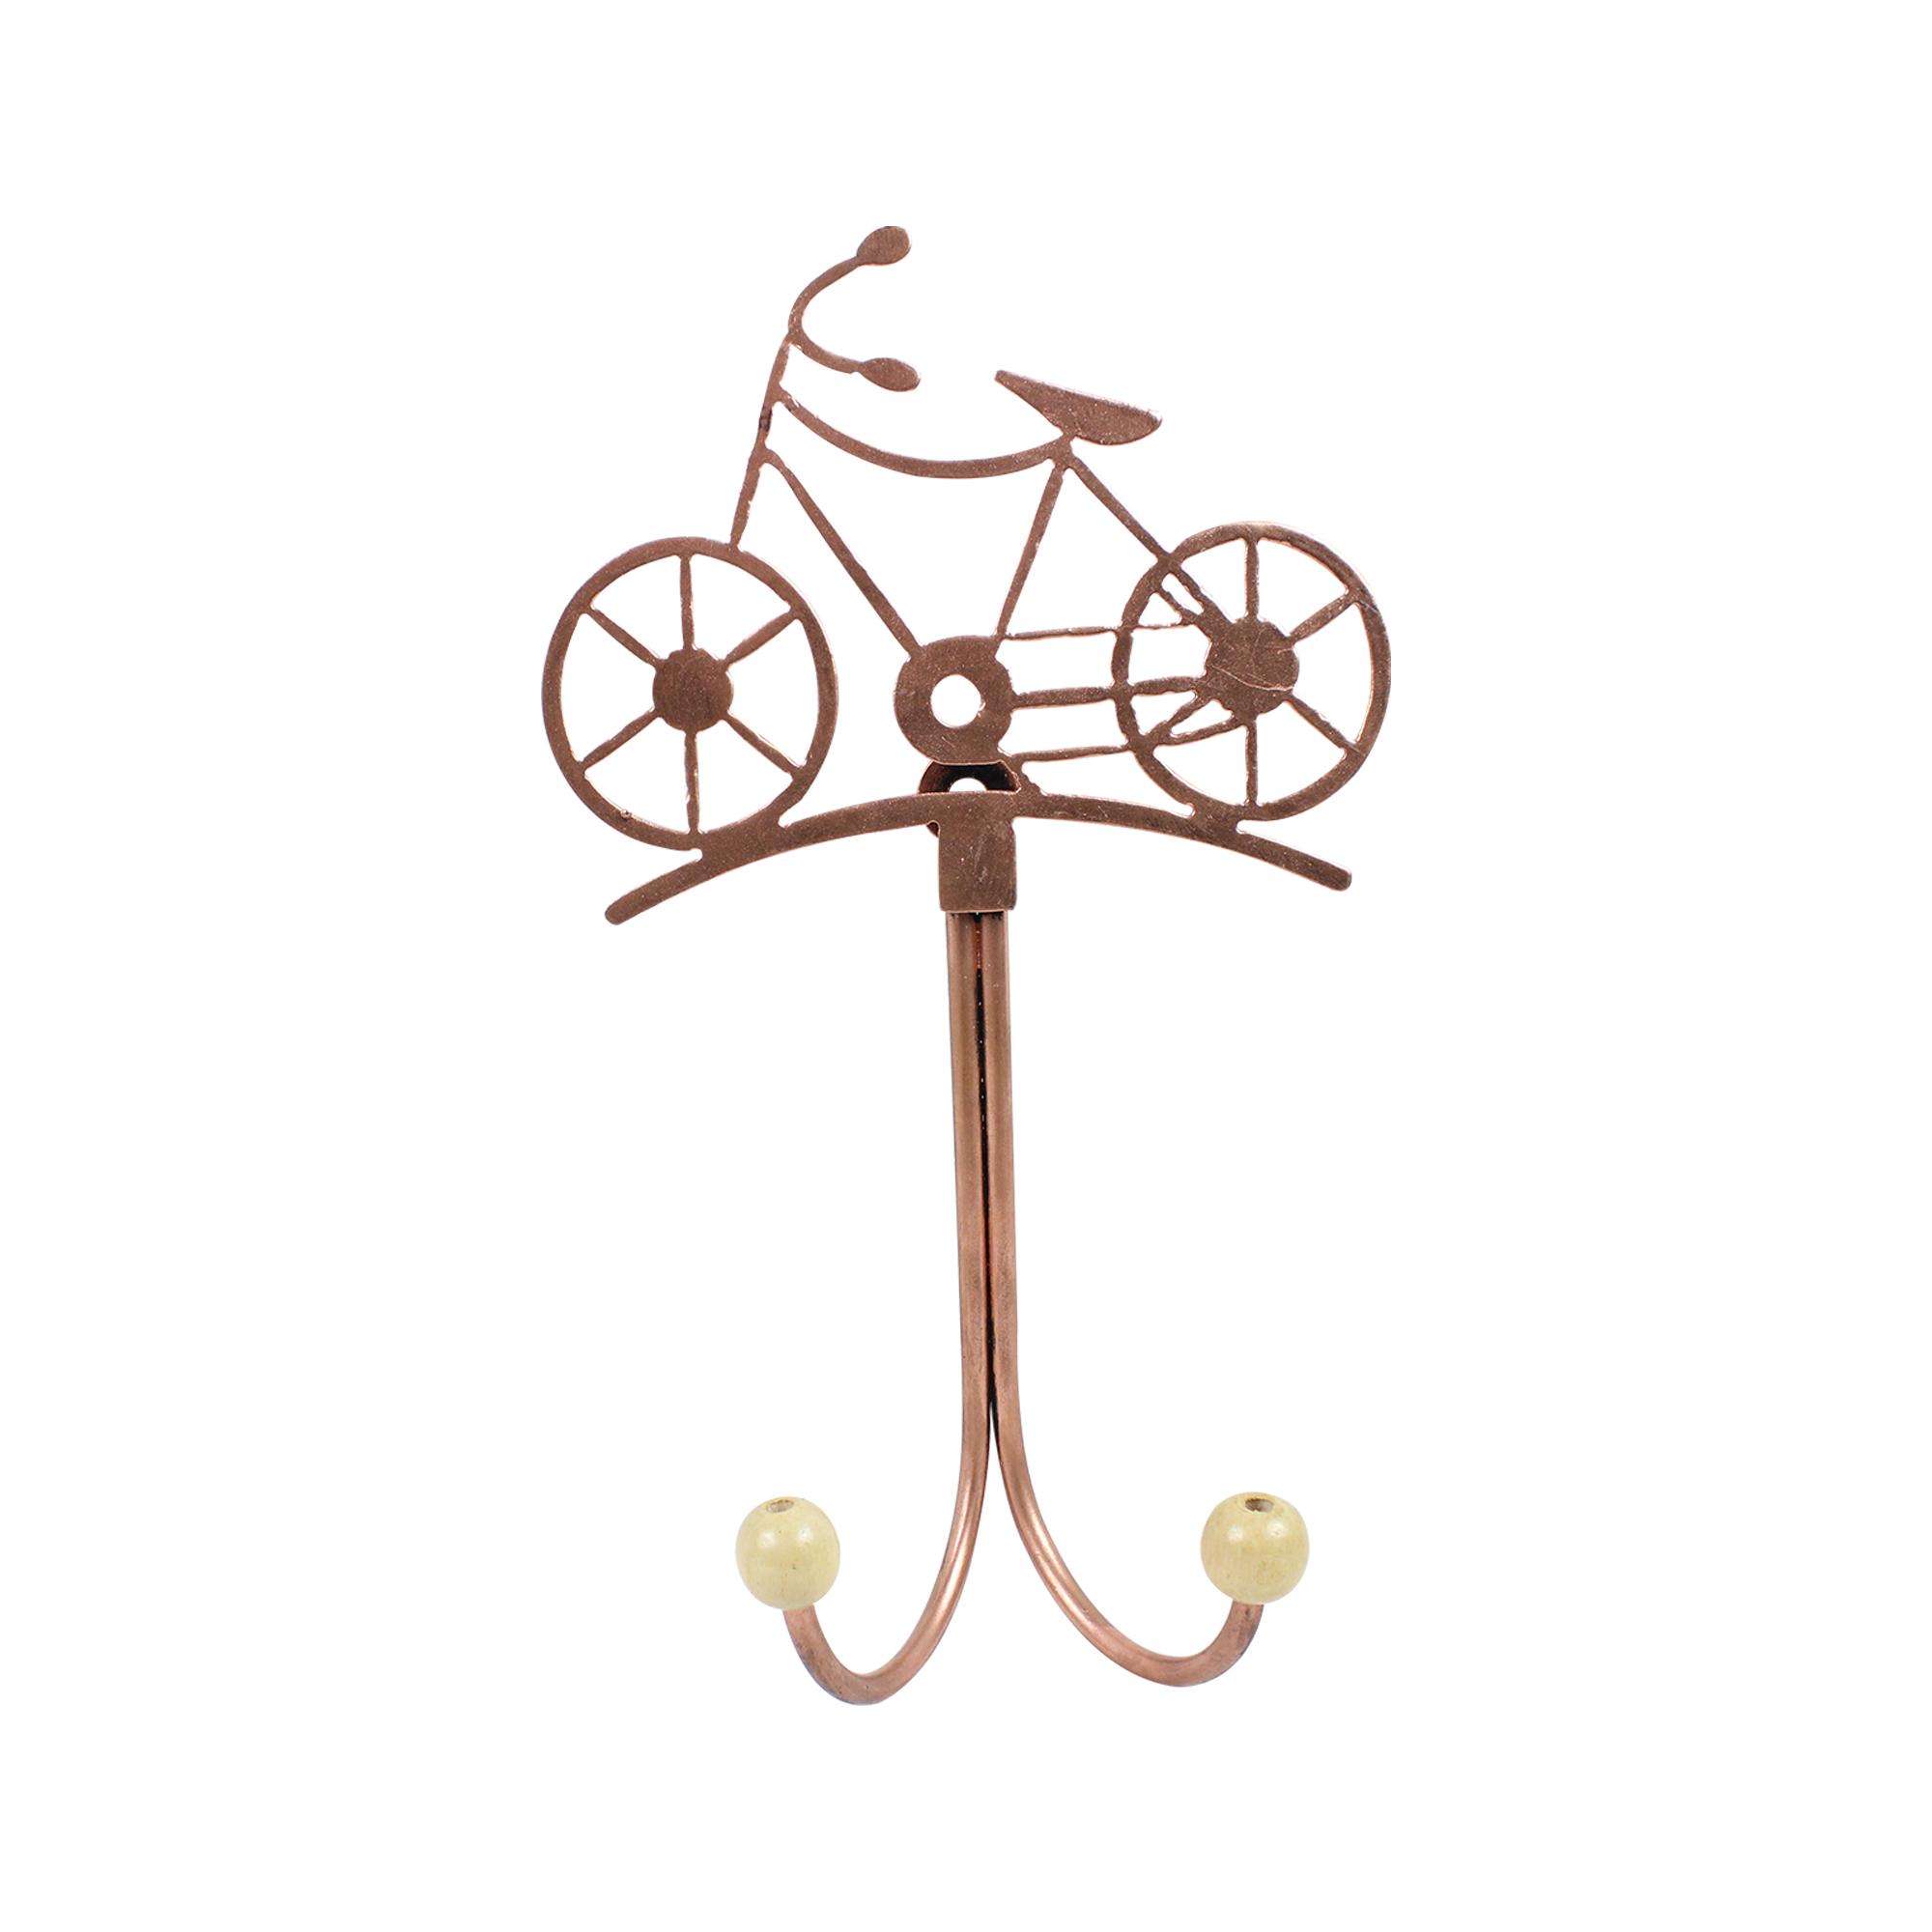 Gancho com bicicleta